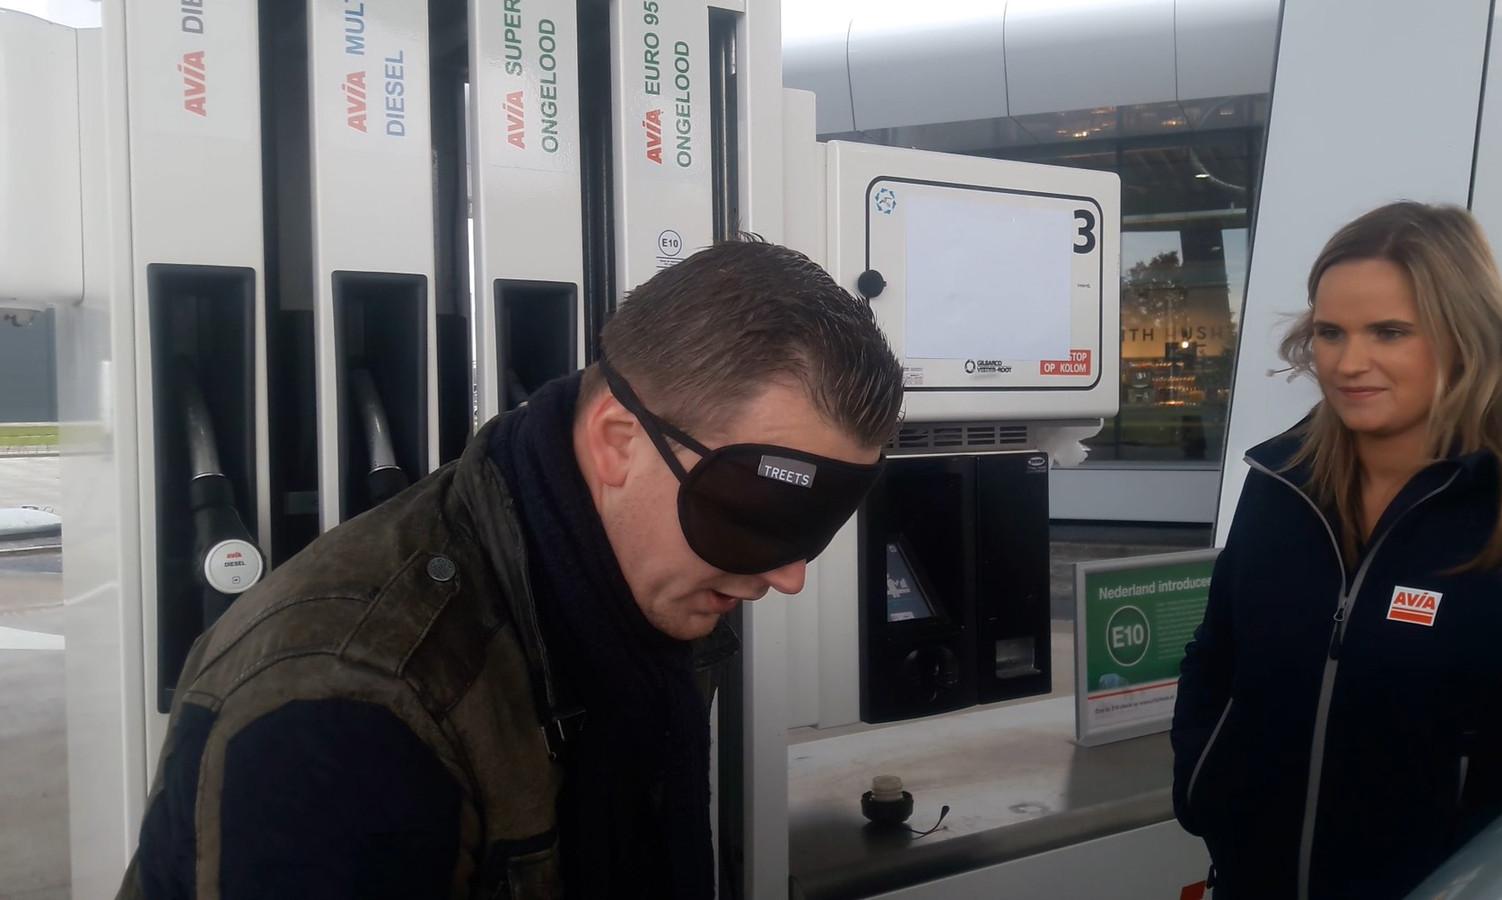 Verslaggever Ron Hemmink probeert precies 10 liter benzine te tanken.